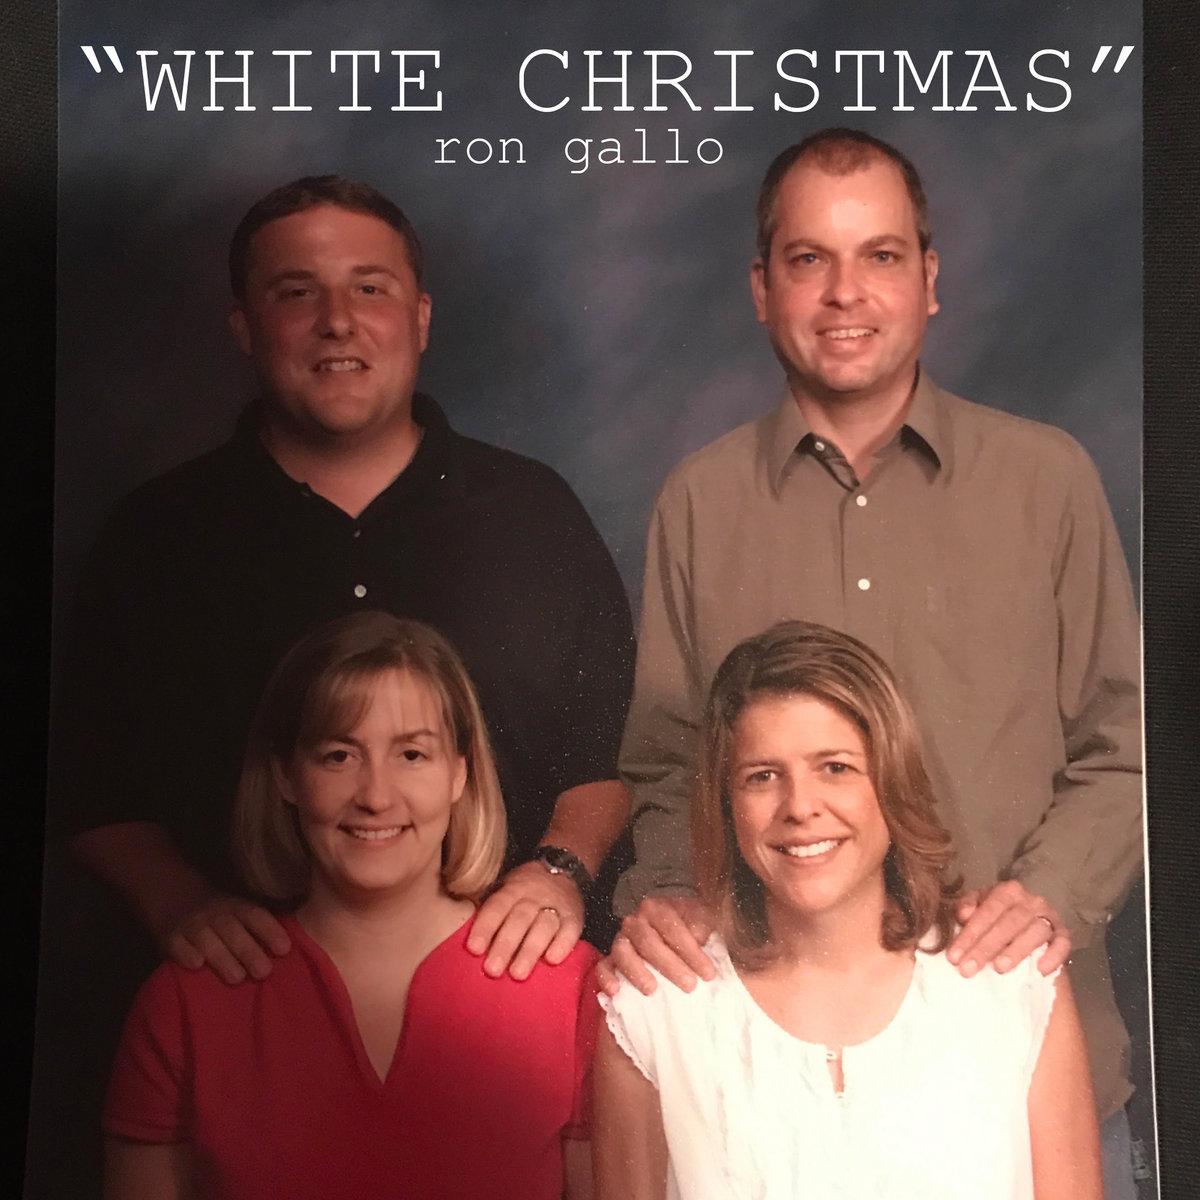 White Christmas | Ron Gallo